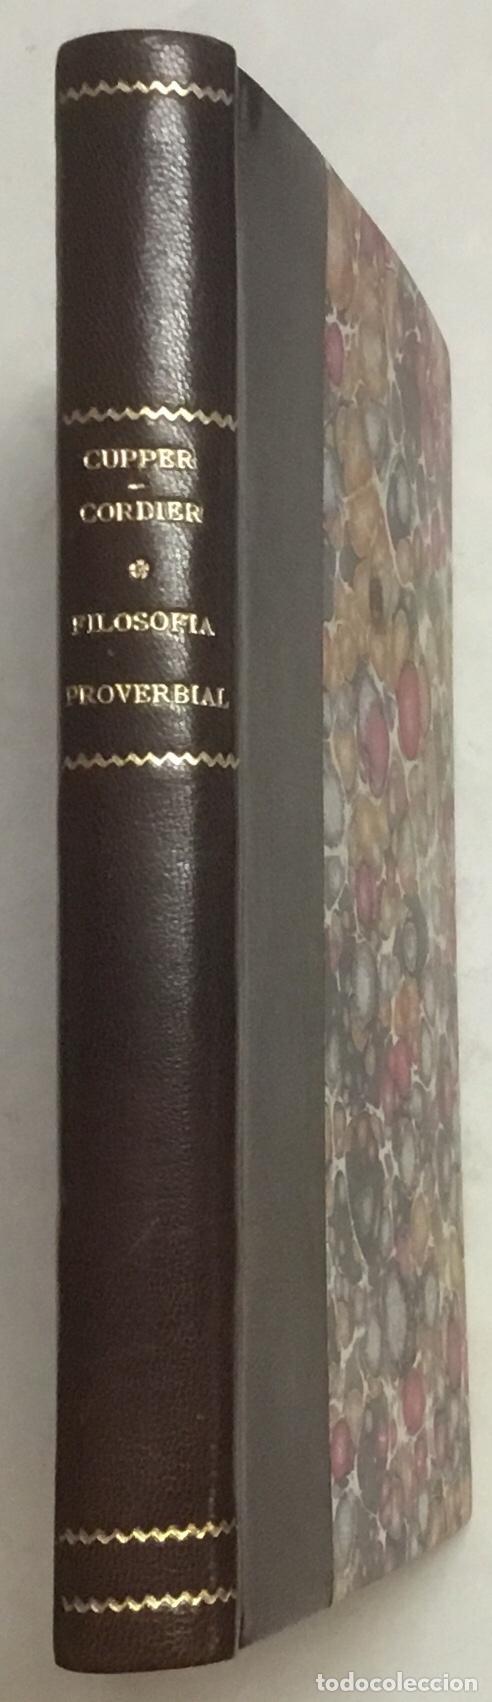 FILOSOFIA PROVERBIAL. - CUPPER, MARTIN F. HABANA, 1865. (Libros Antiguos, Raros y Curiosos - Pensamiento - Filosofía)